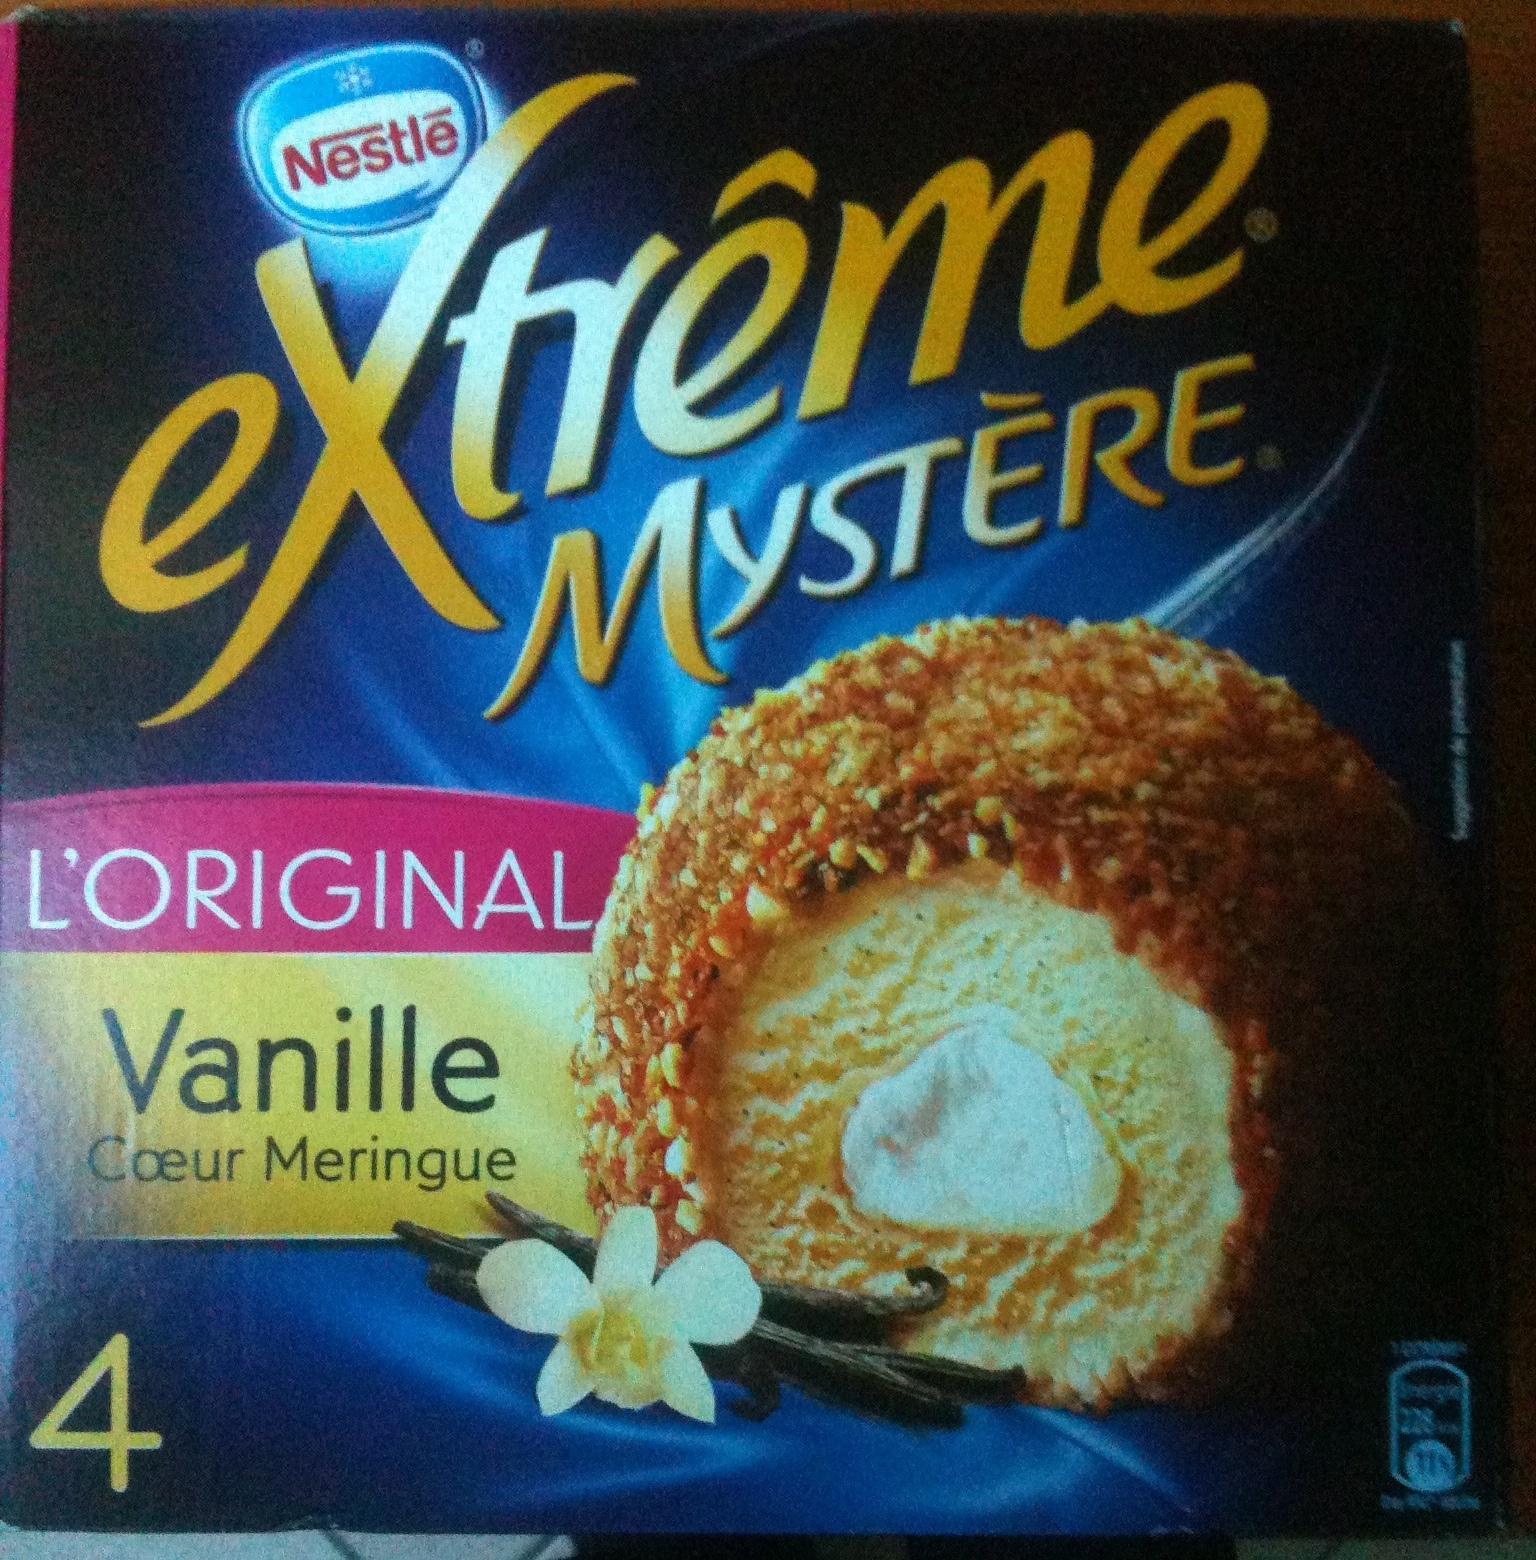 Mystère - Vanille Cœur Meringue - Produit